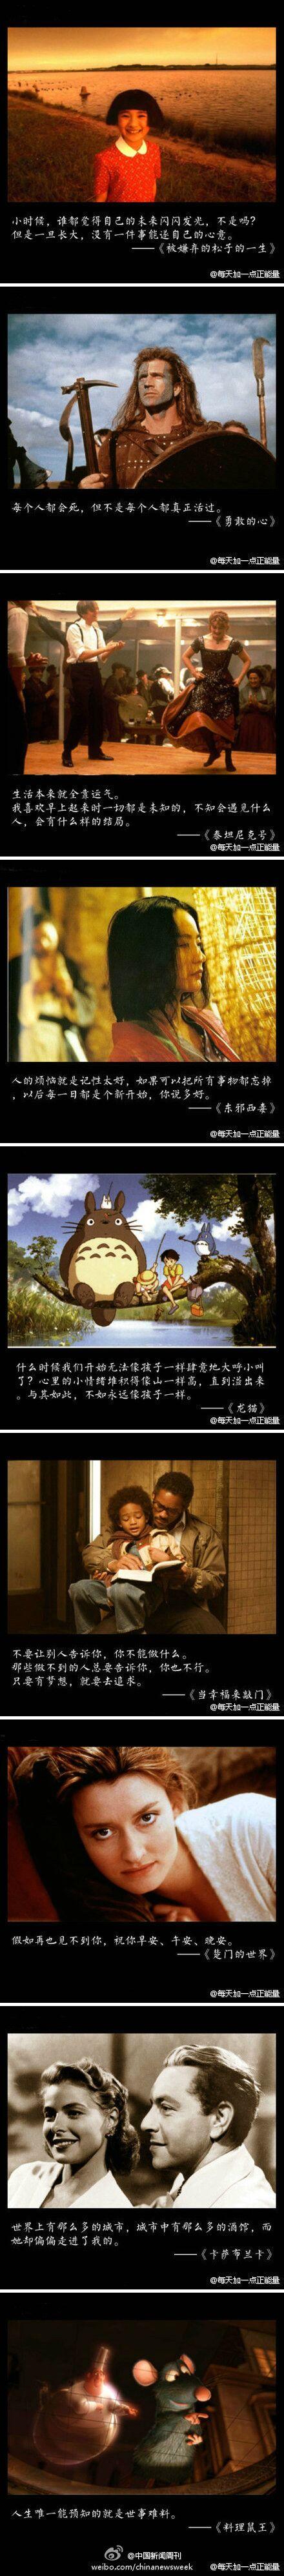 http://static.oschina.net/uploads/space/2015/0826/093510_Dp29_189849.jpg